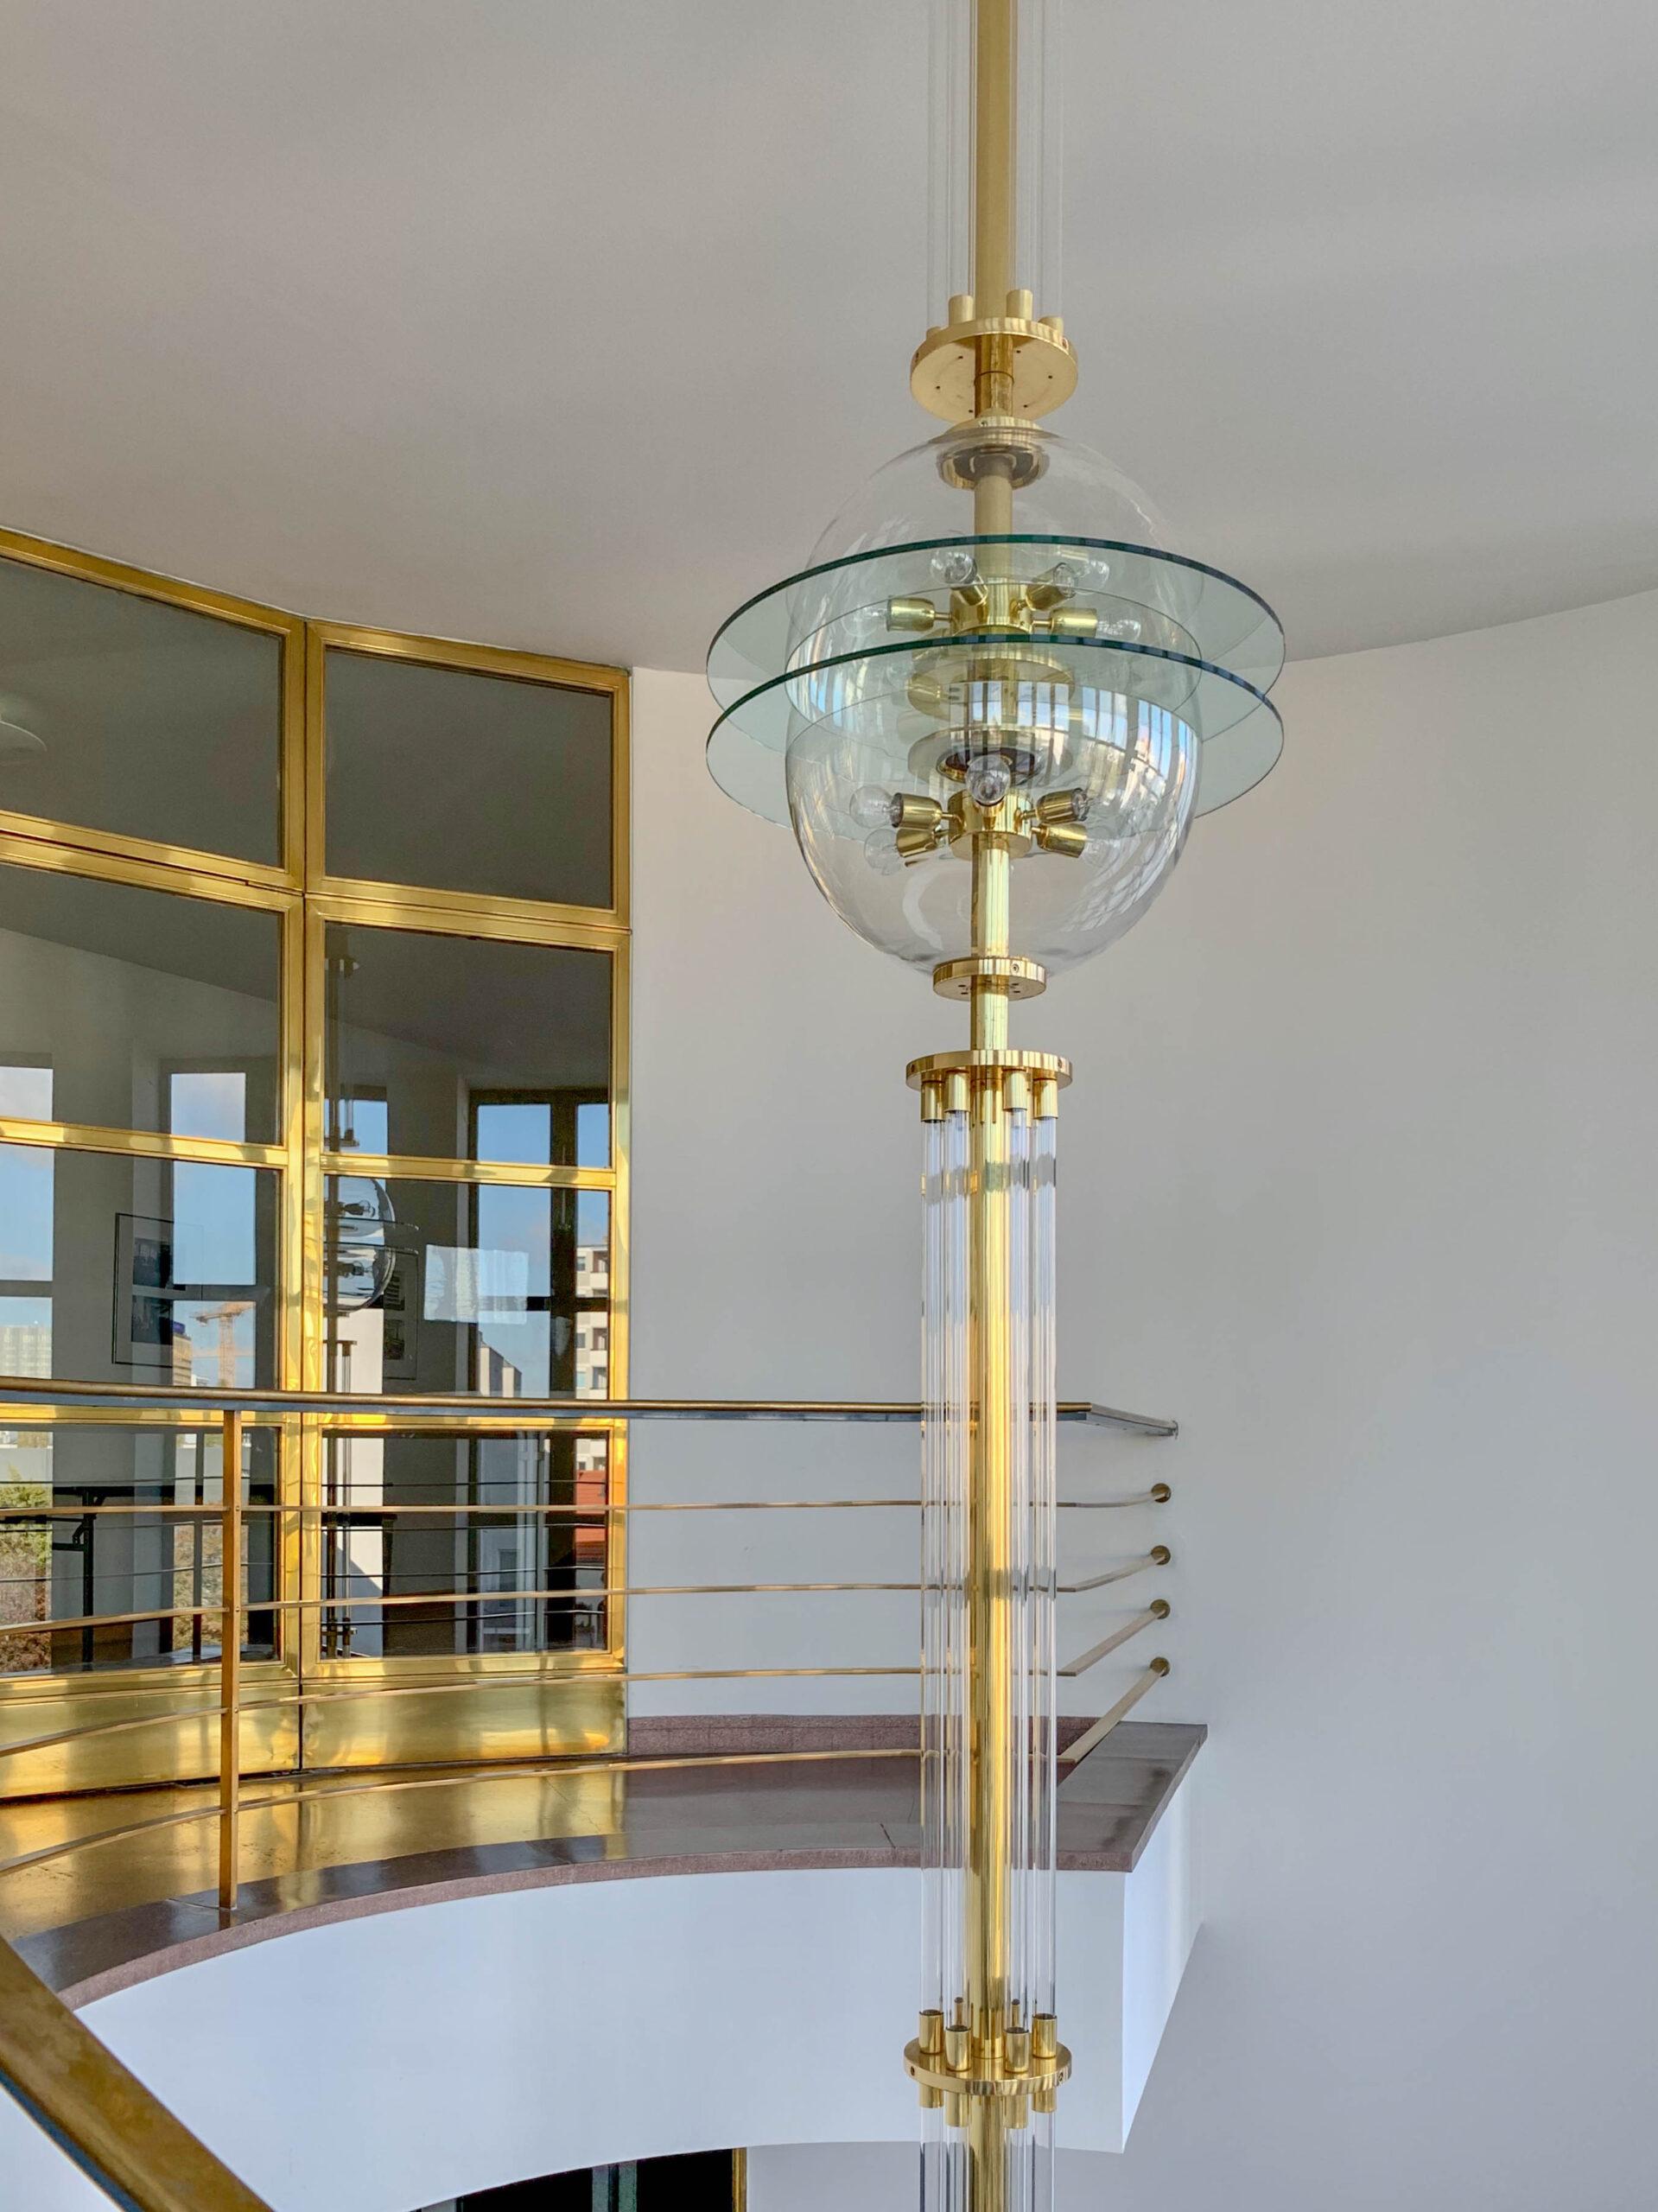 Haus des Deutschen Metallarbeiterverbandes, 1929-1930. Architekten: Erich Mendelsohn, Rudolf Reichel